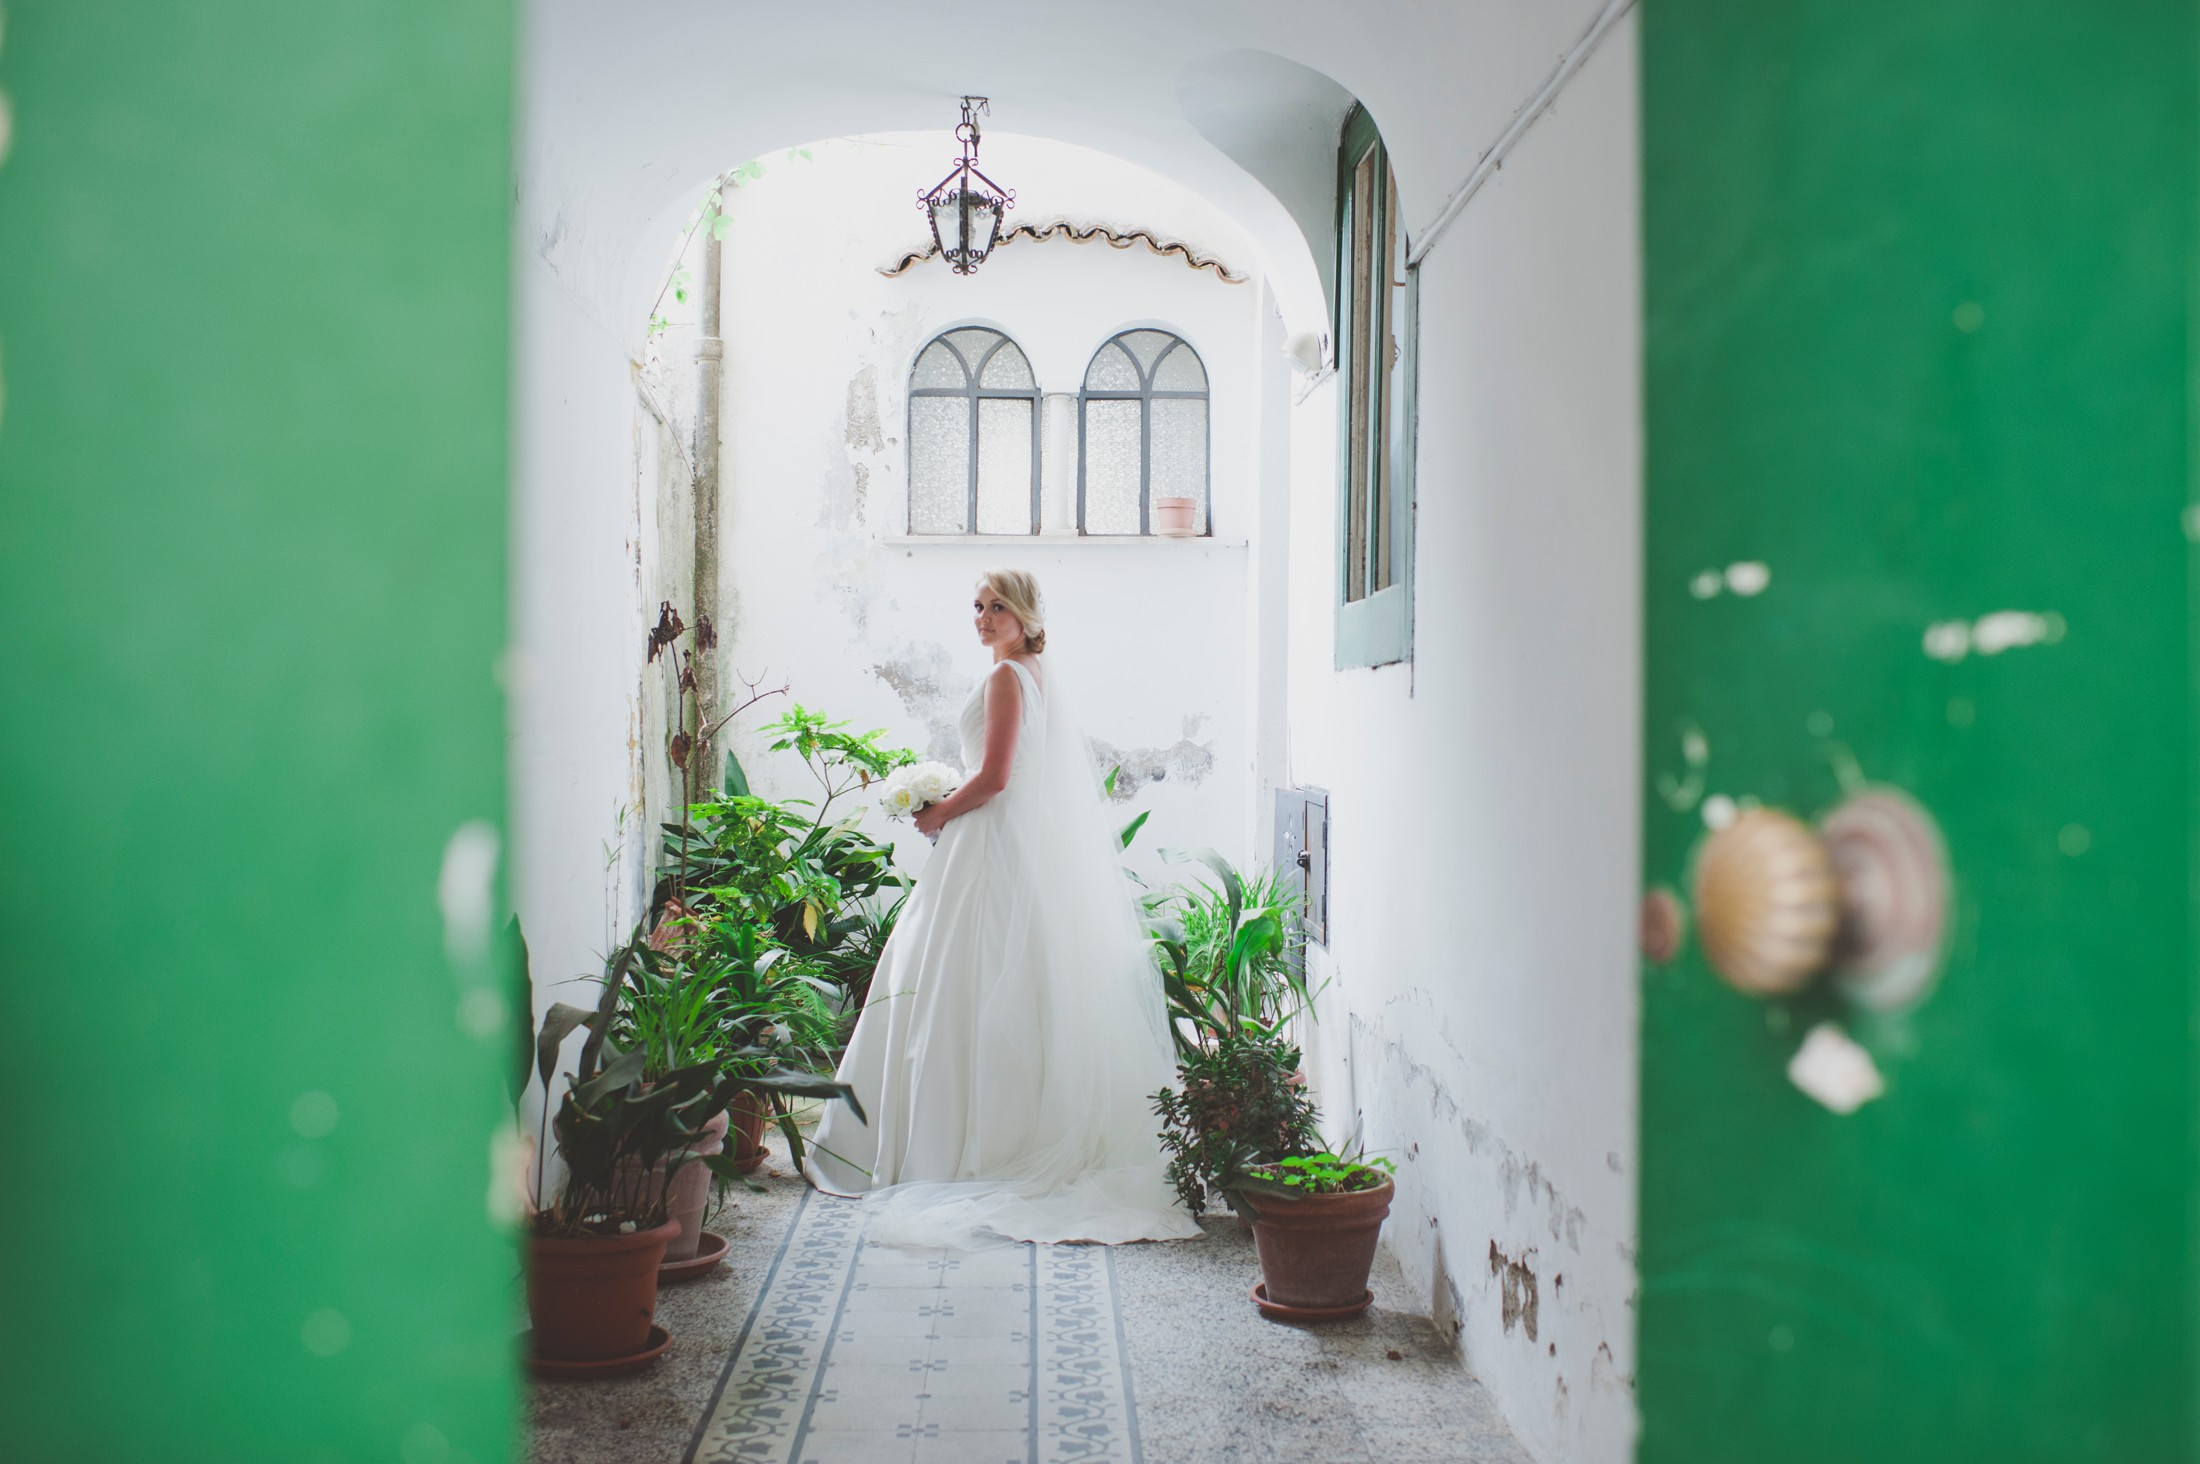 bride's portrait with a light green door